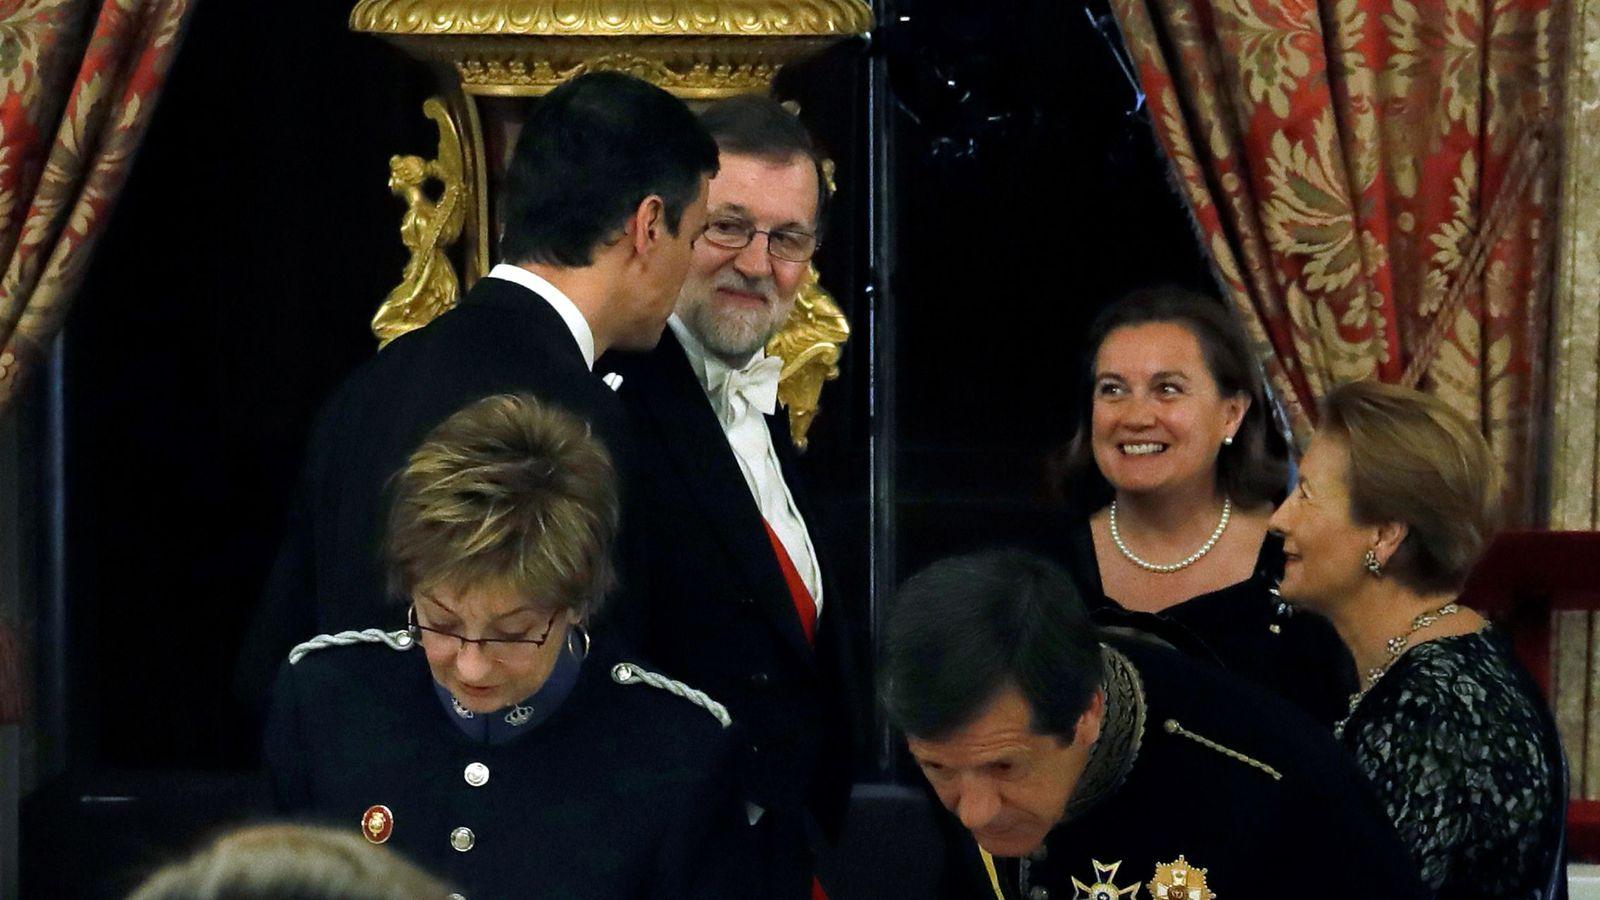 Foto: Pedro Sánchez y Mariano Rajoy, en la cena de gala ofrecida al presidente portugués, el pasado 16 de abril en el Palacio Real de Madrid. (EFE)